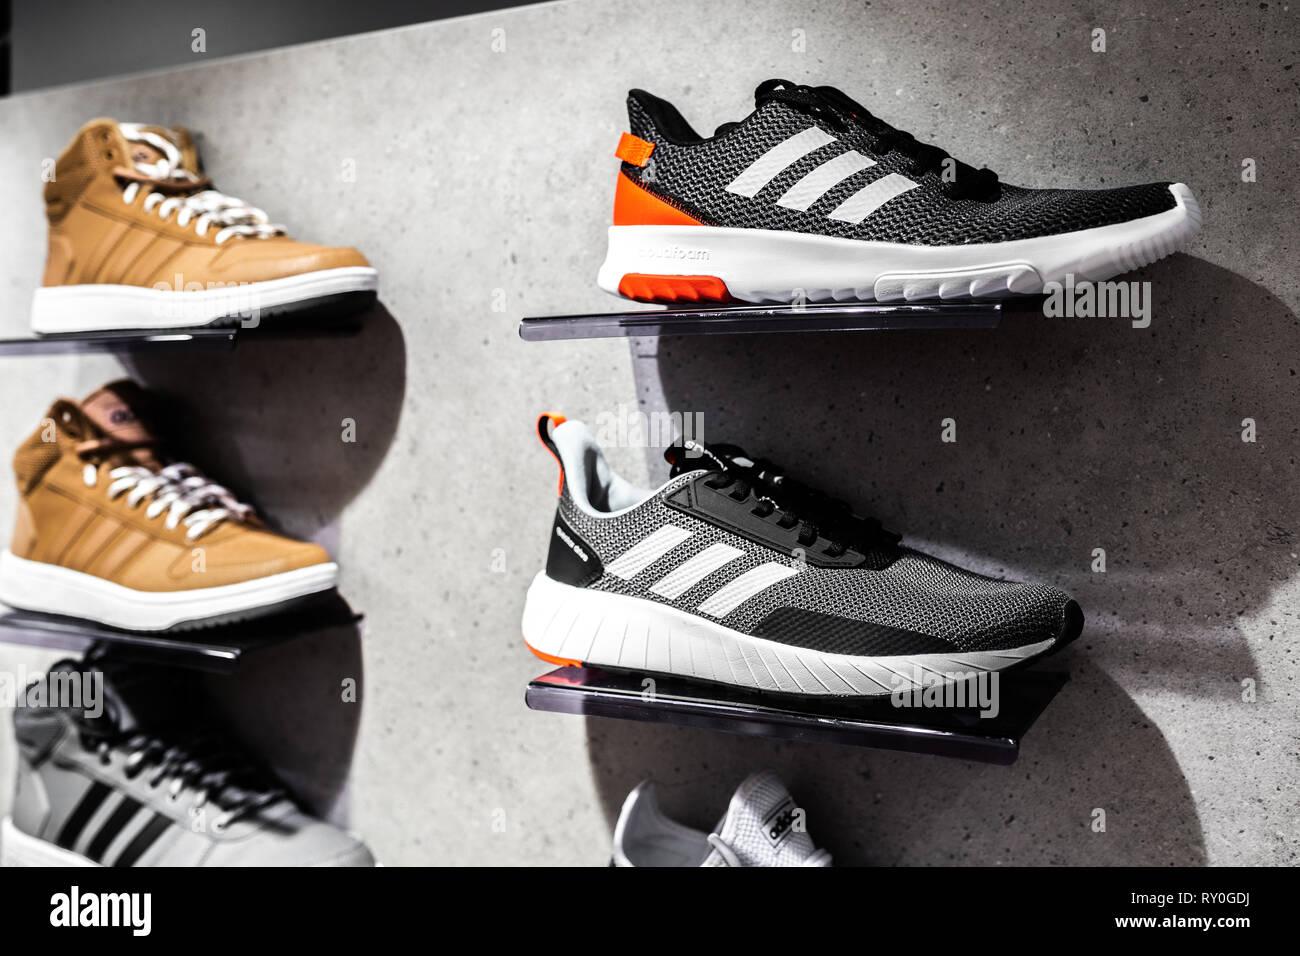 Février Homme Sneakers 2019L'adidas Noir 27 NurmbergAllemagne SzpqUVM